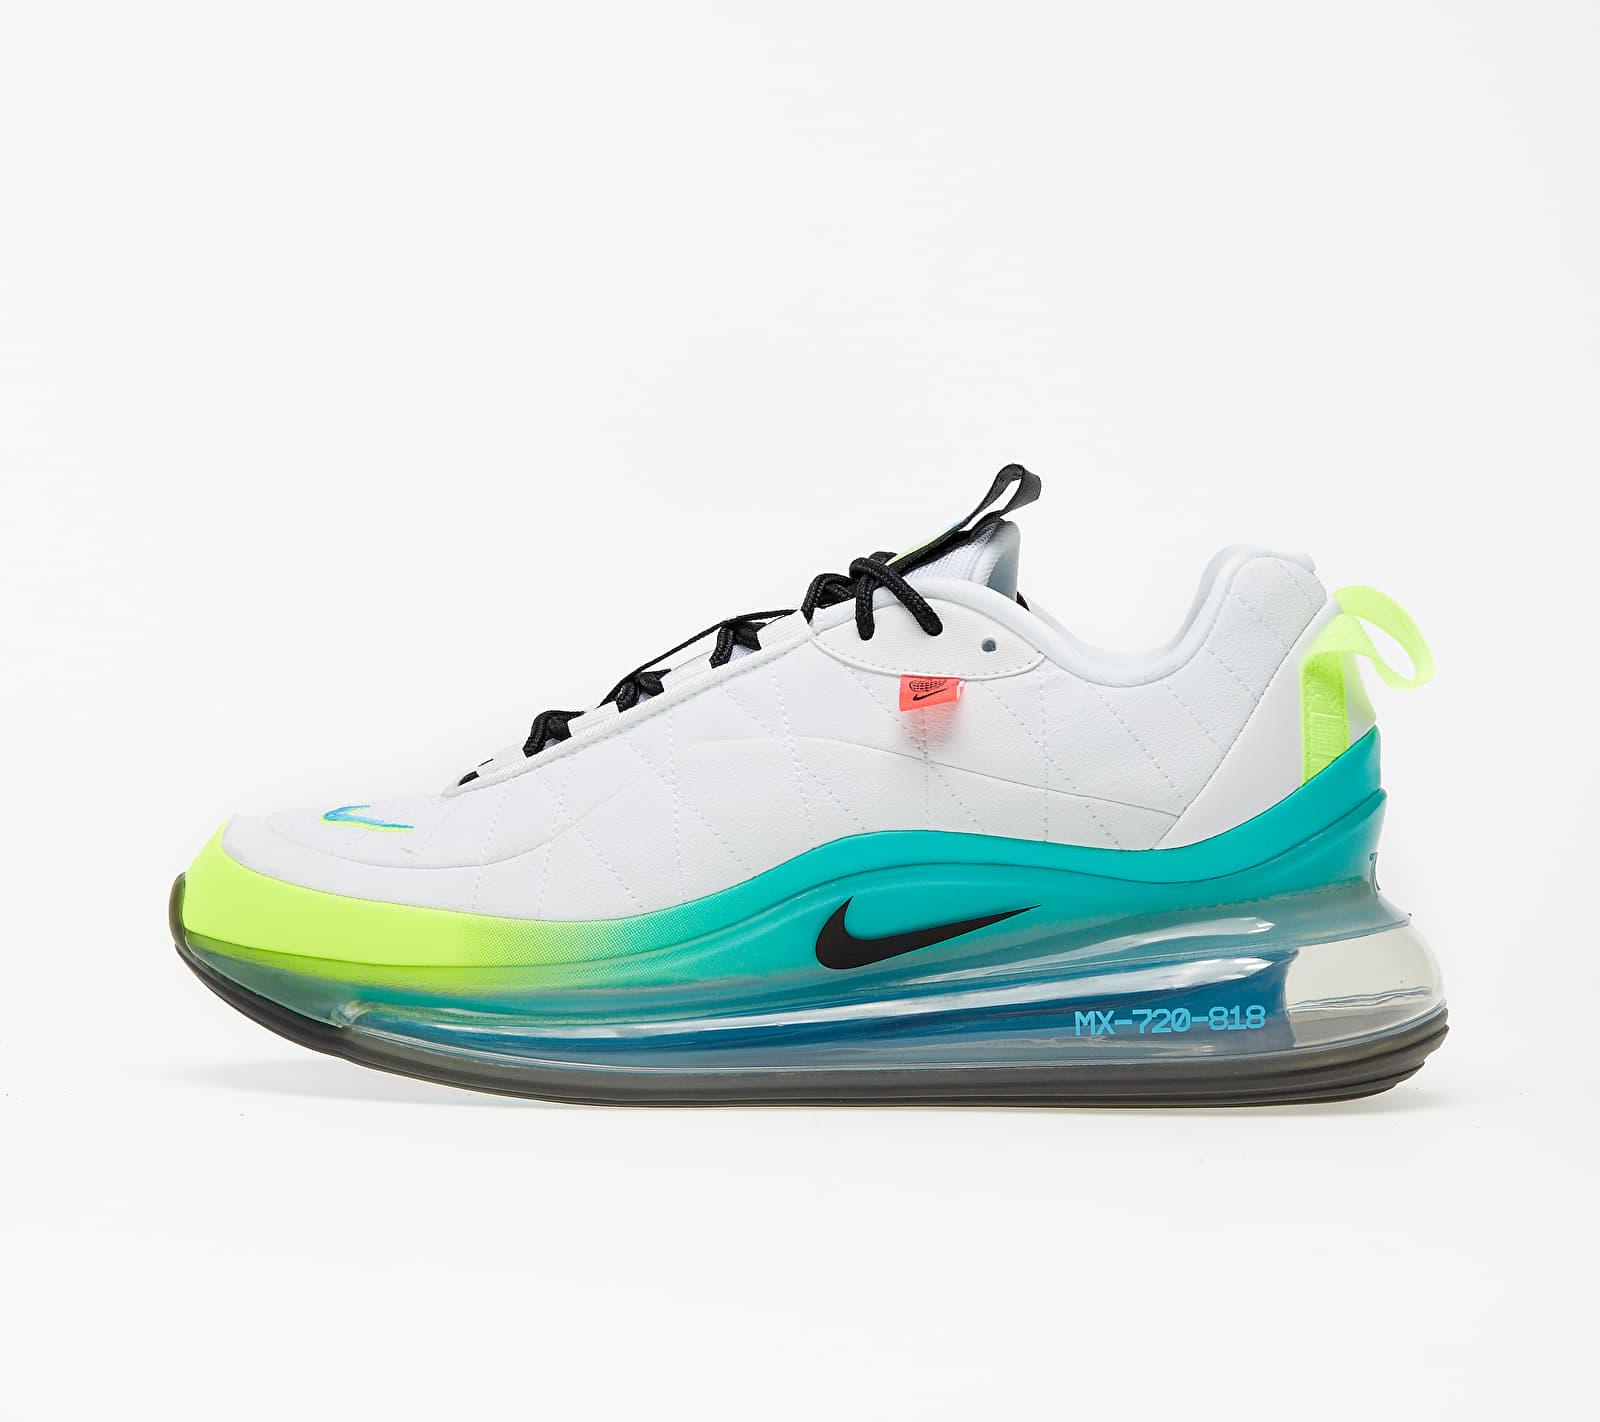 Nike MX-720-818 White/ Black-Blue Fury-Volt CT1282-100